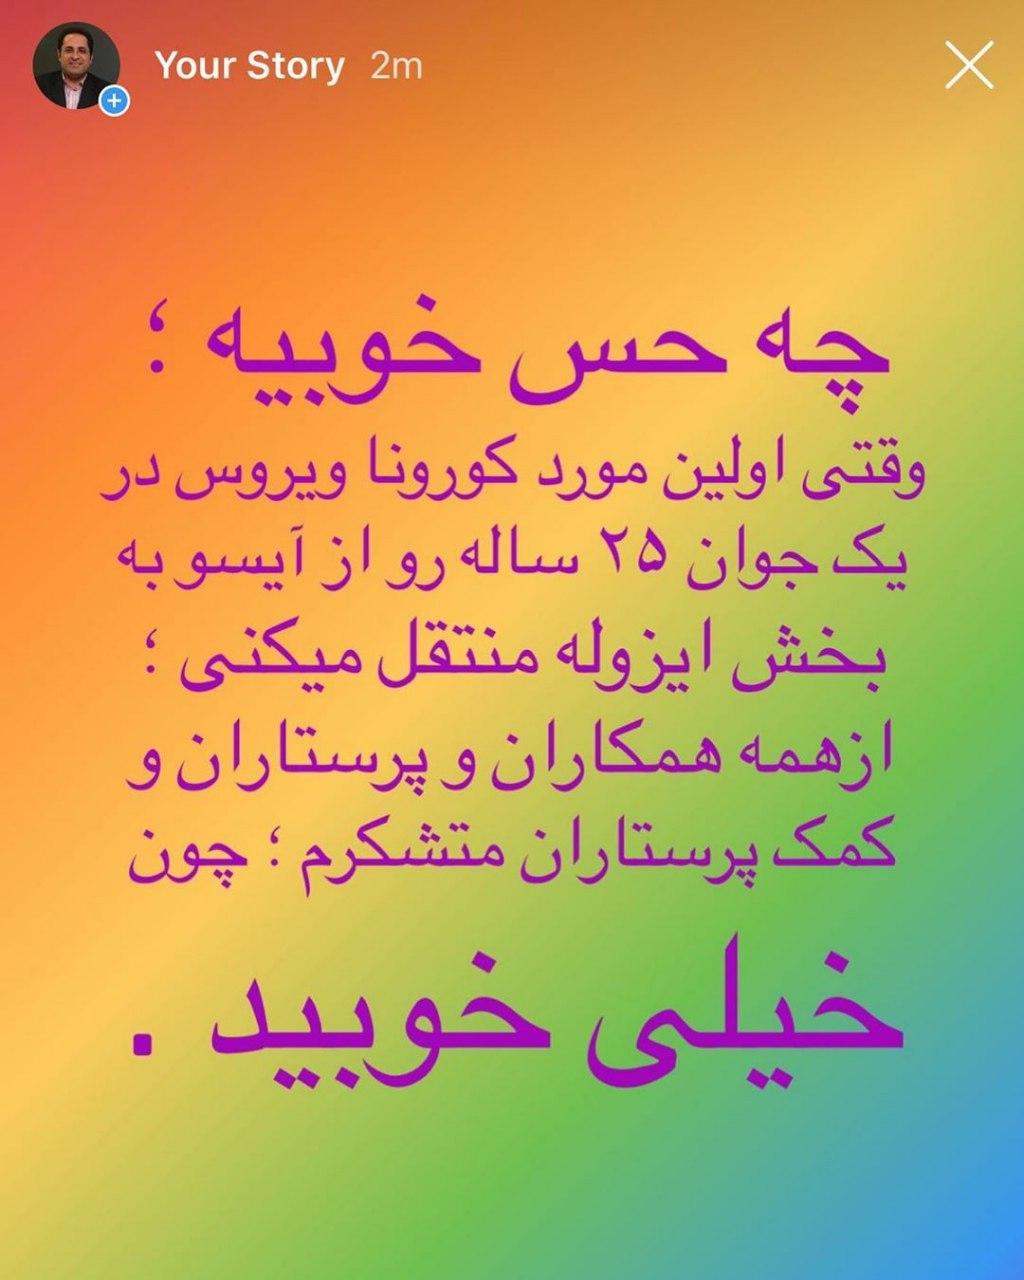 دکتر محمدرضا هاشمیان، پزشک بیم … 264143001582493405